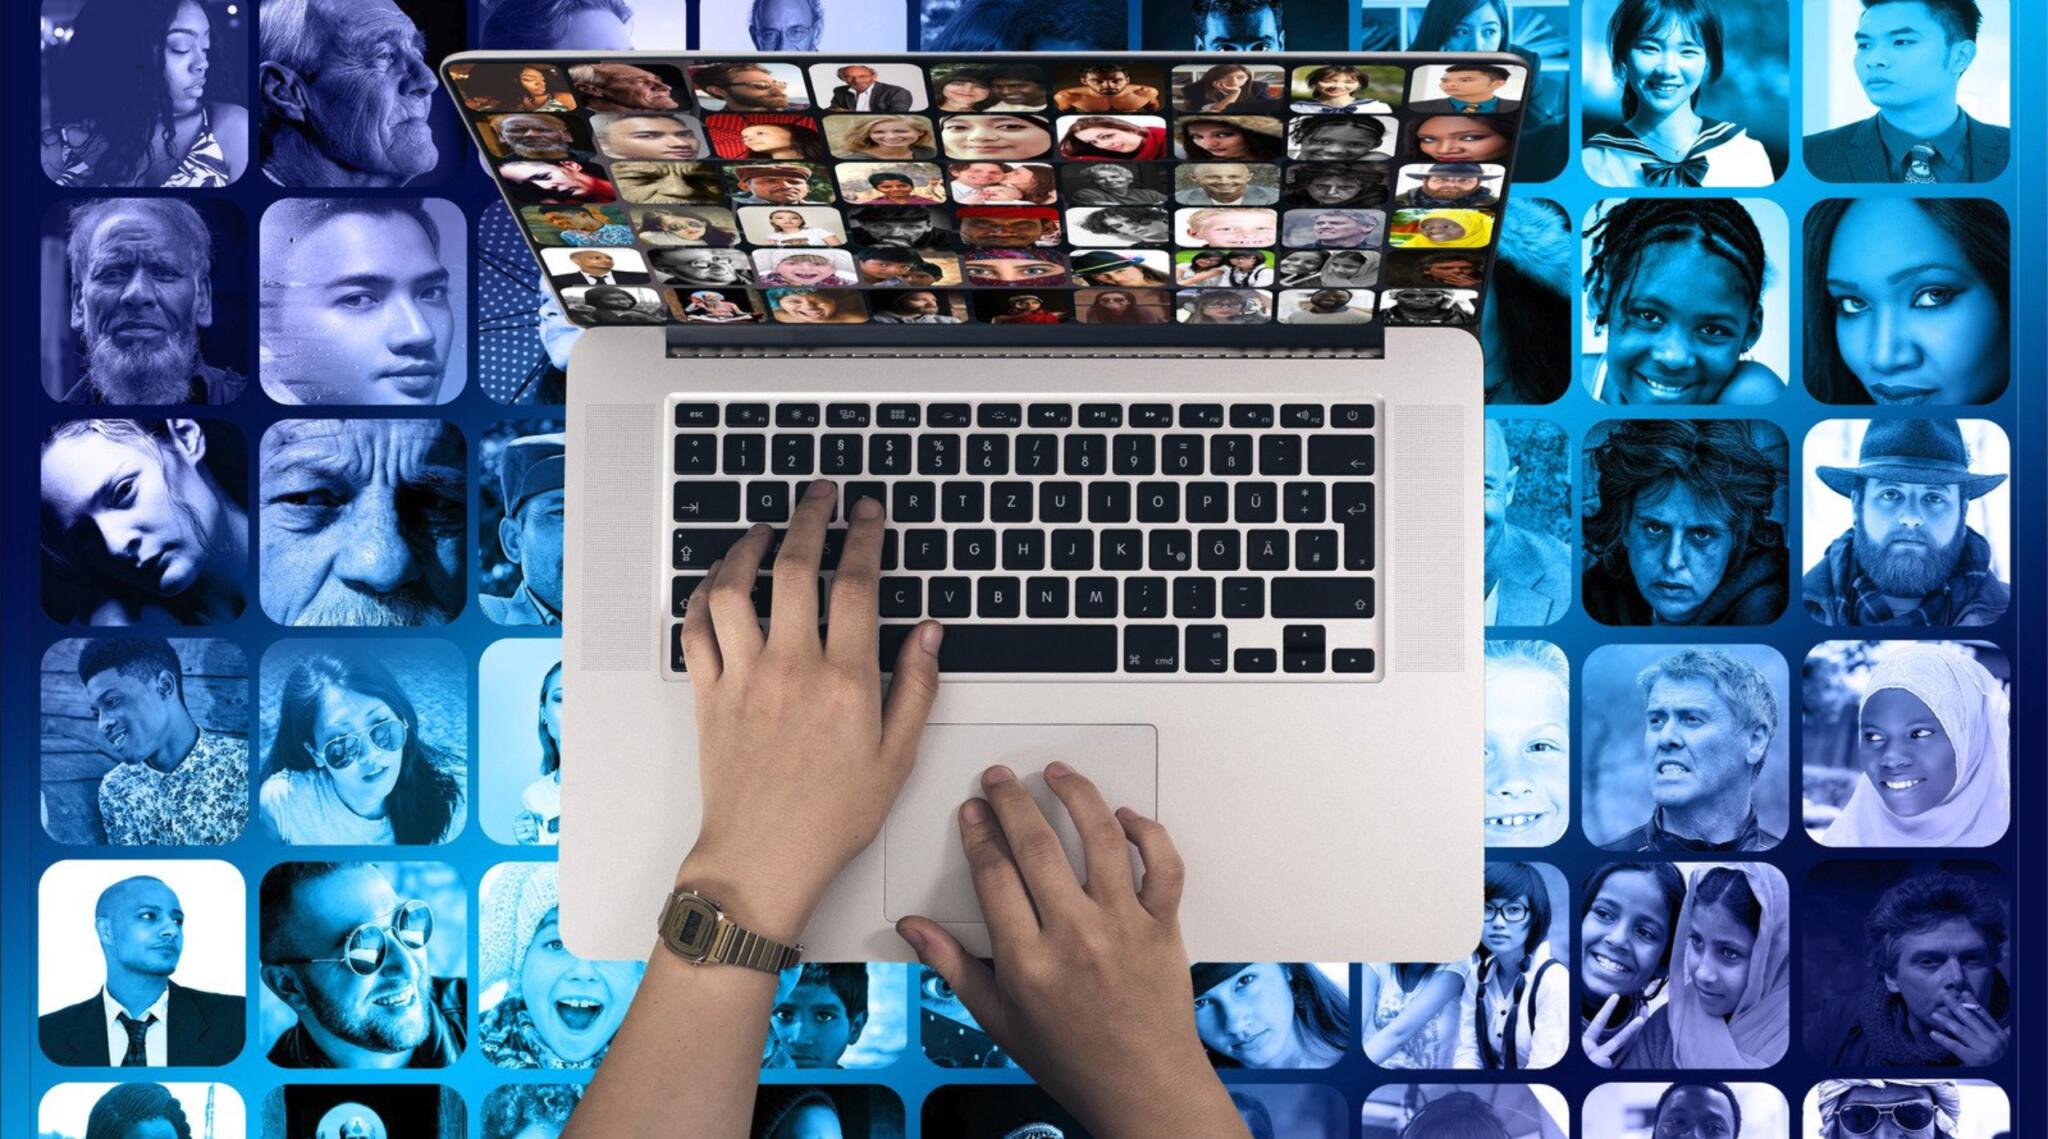 Realita a sci-fi scénáře digitální revoluce